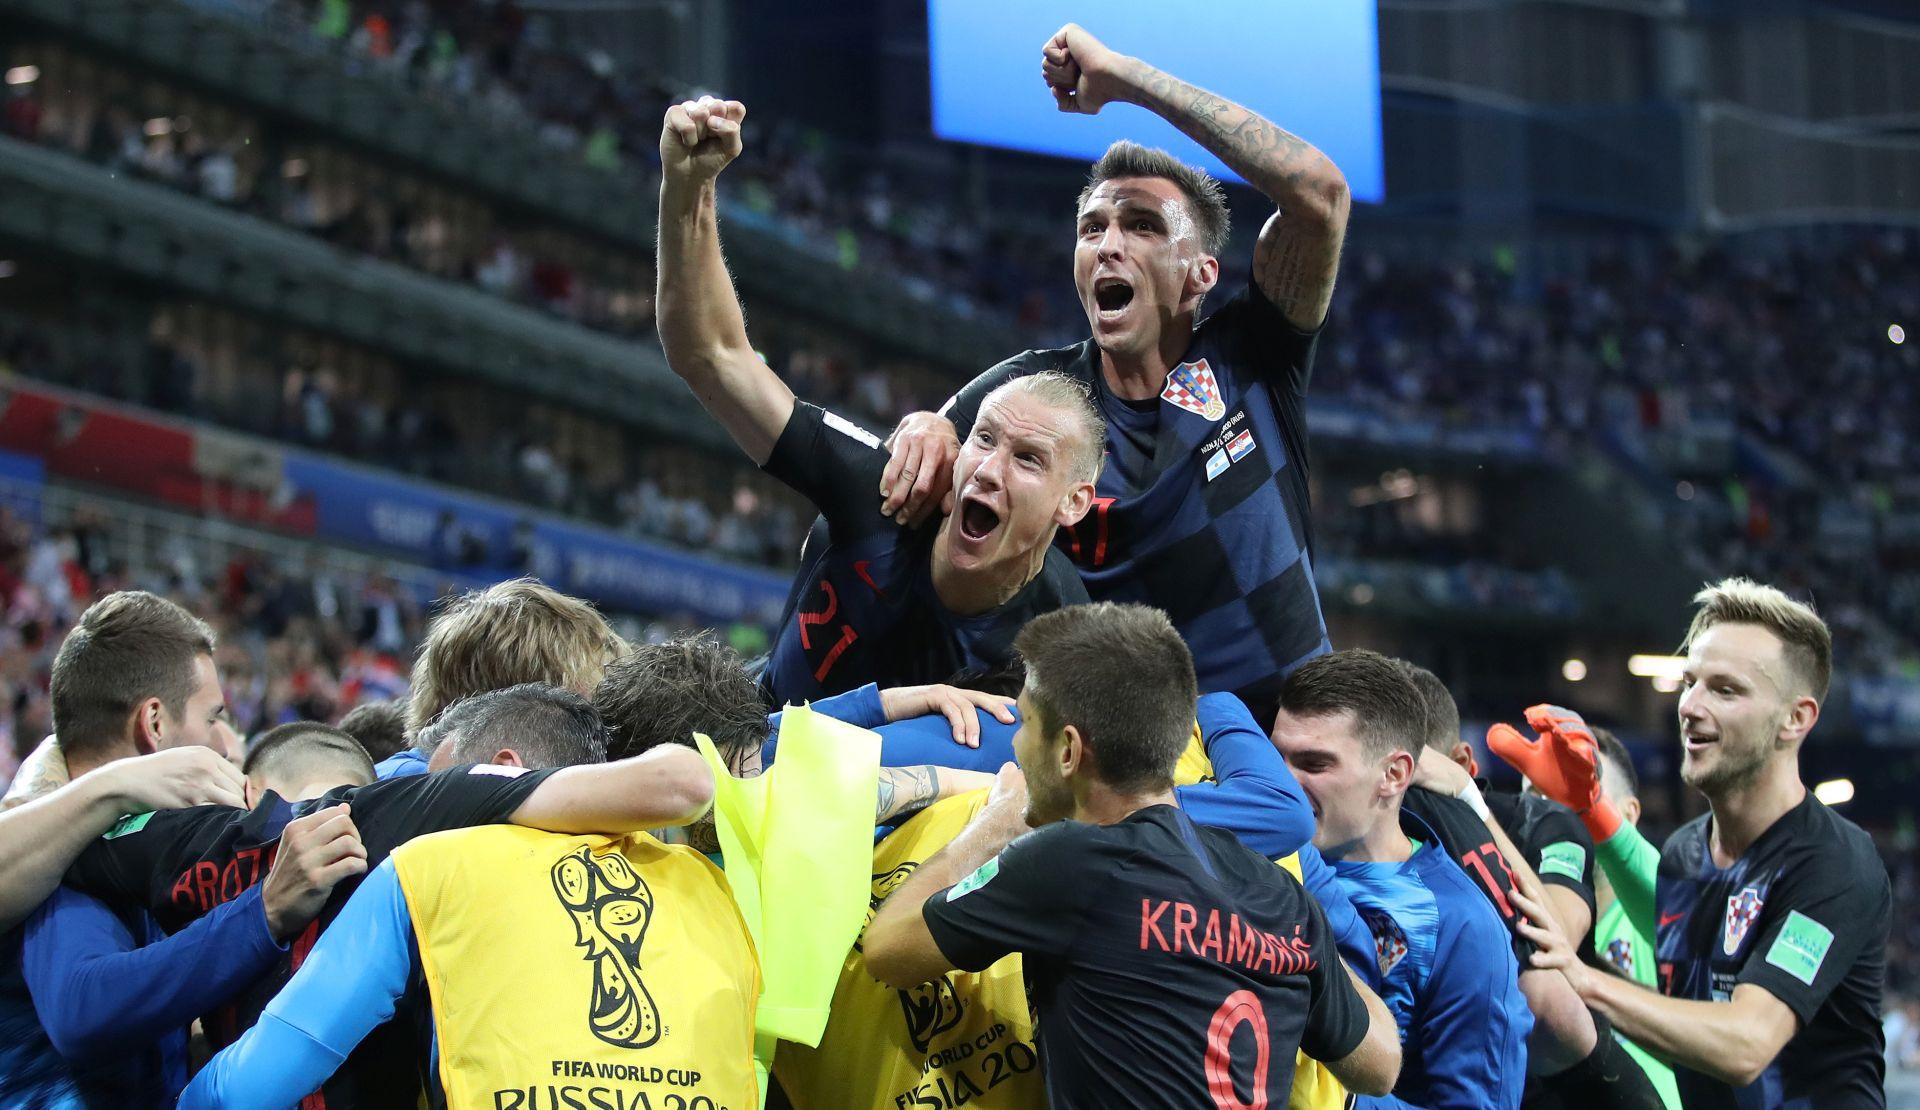 SVJETSKI MEDIJI 'Hrvatska je odigrala najbolju utakmicu na SP-u'